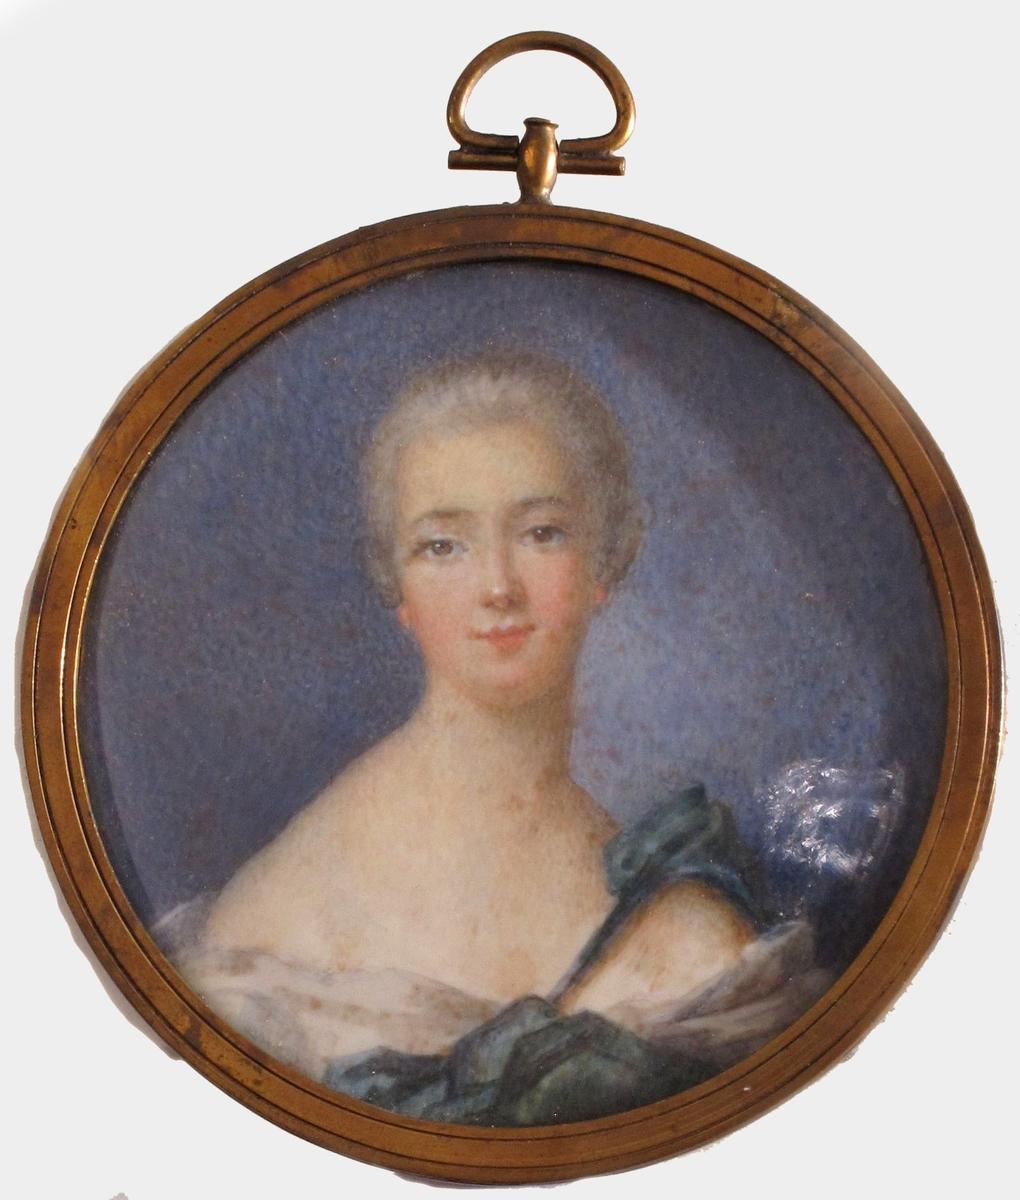 Brystbilde av ung dame med tilbakestrøket, hvitpudret frisyre. Hun har brune øyne. Skuldrene er skrå, med et blågrønt draperi over dem og foran brystet,. Lysegrått kjoleliv.